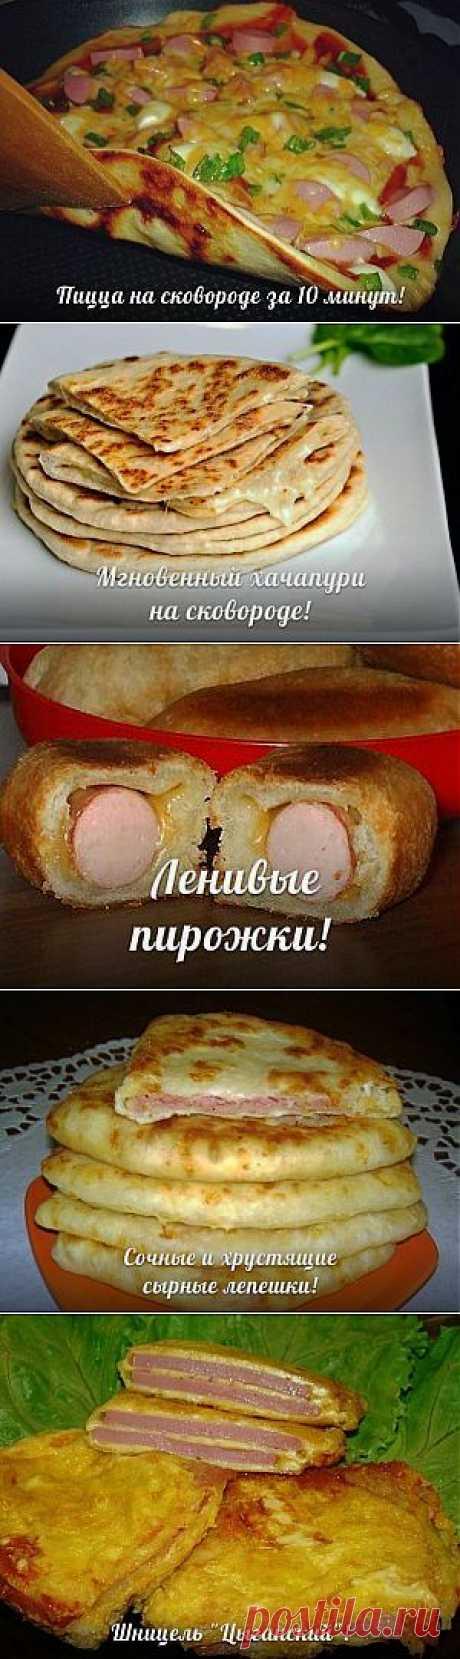 ТОП-5 ЭКСПРЕСС РЕЦЕПТОВ ЗА 10 МИНУТ!!!